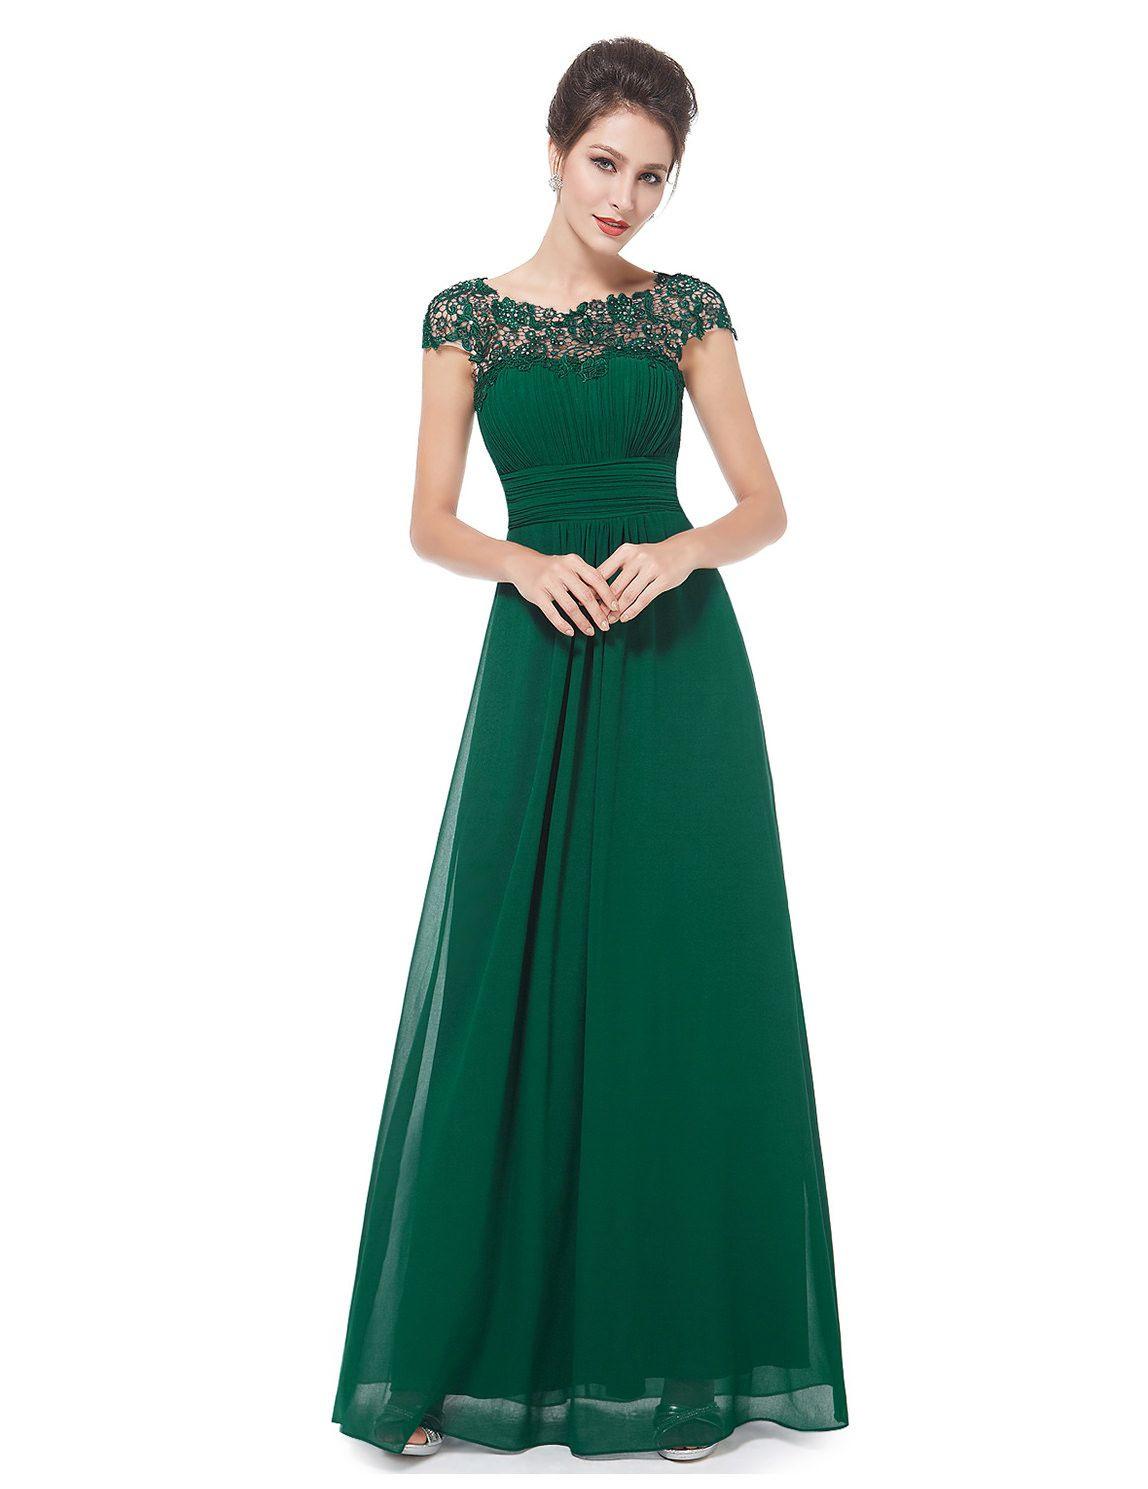 13 Schön Grünes Abend Kleid Bester Preis13 Spektakulär Grünes Abend Kleid Spezialgebiet